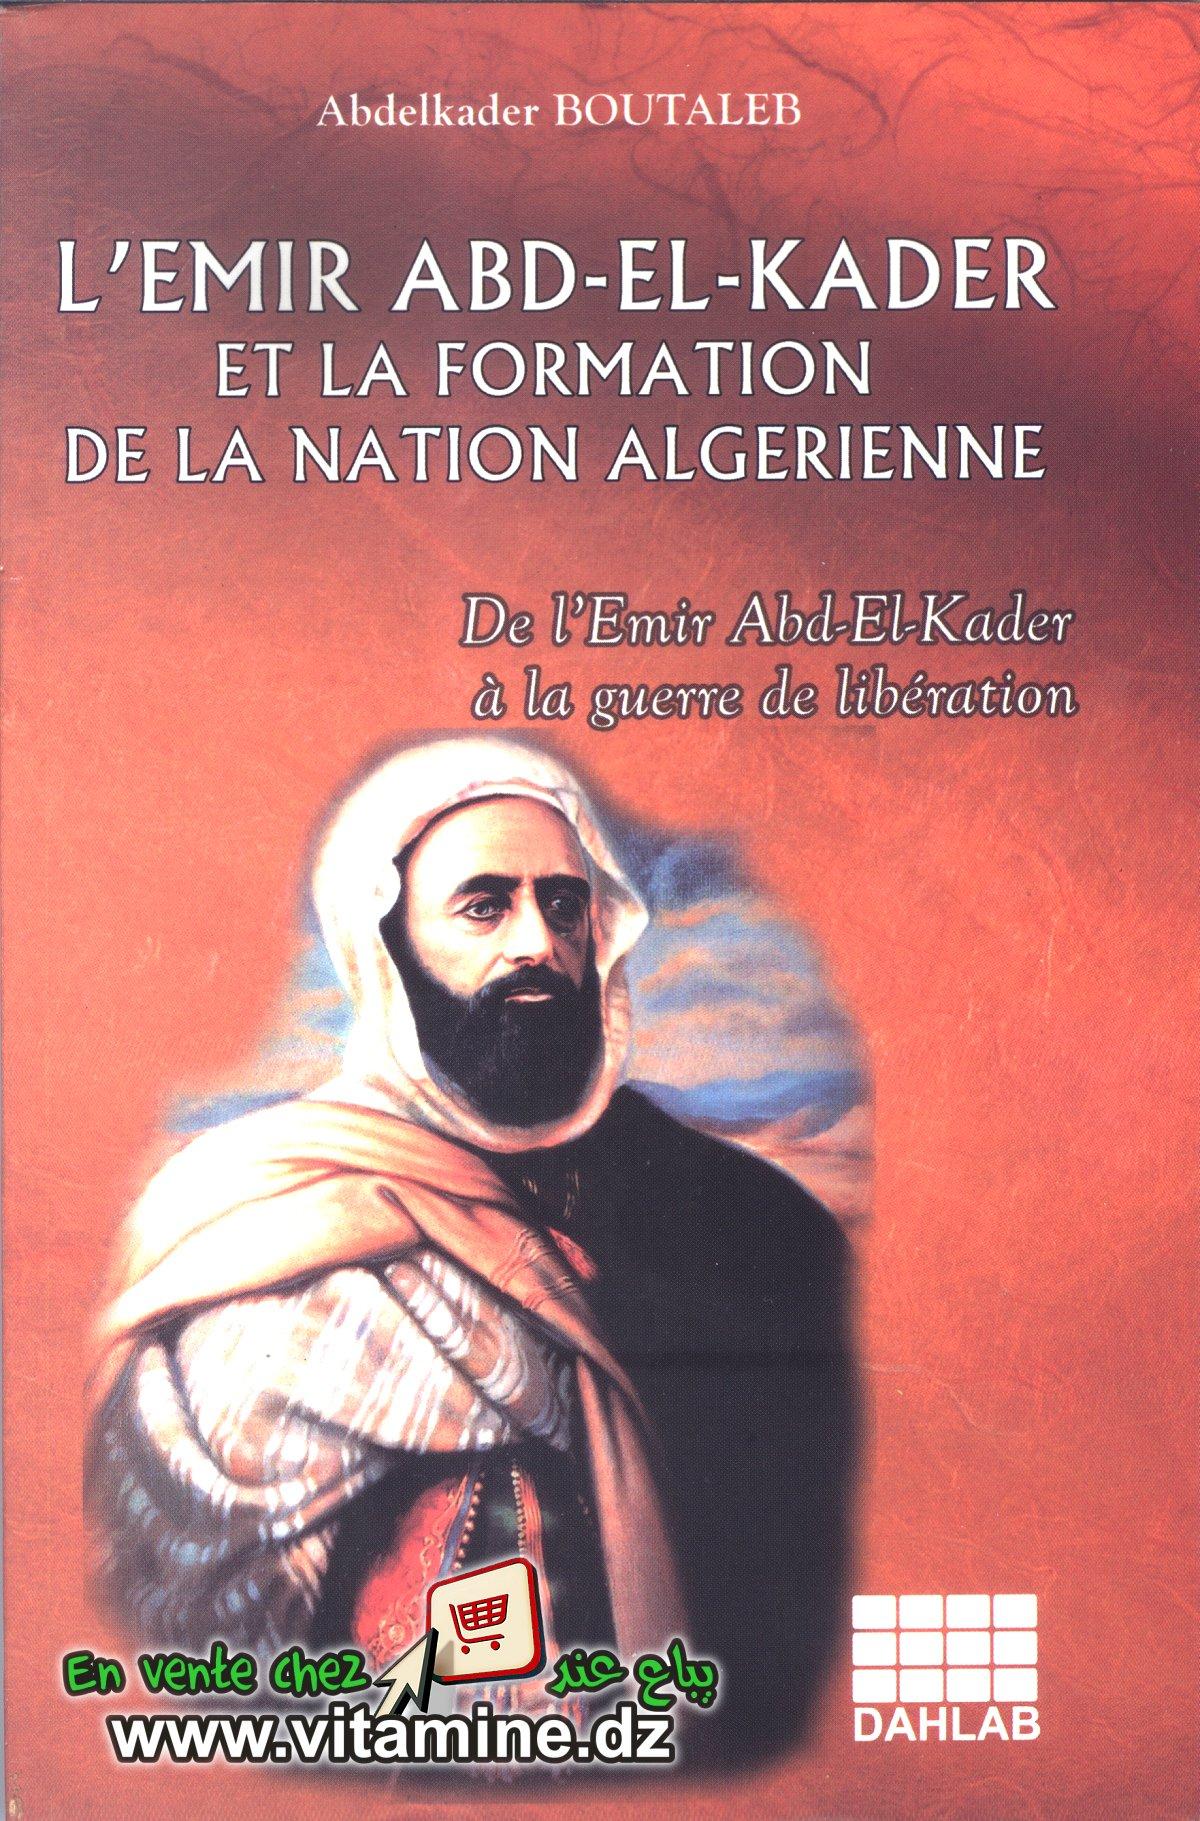 Abdelkader Boutaleb - L'Emir Abdel Kader et la formation de la nation alg�rienne.